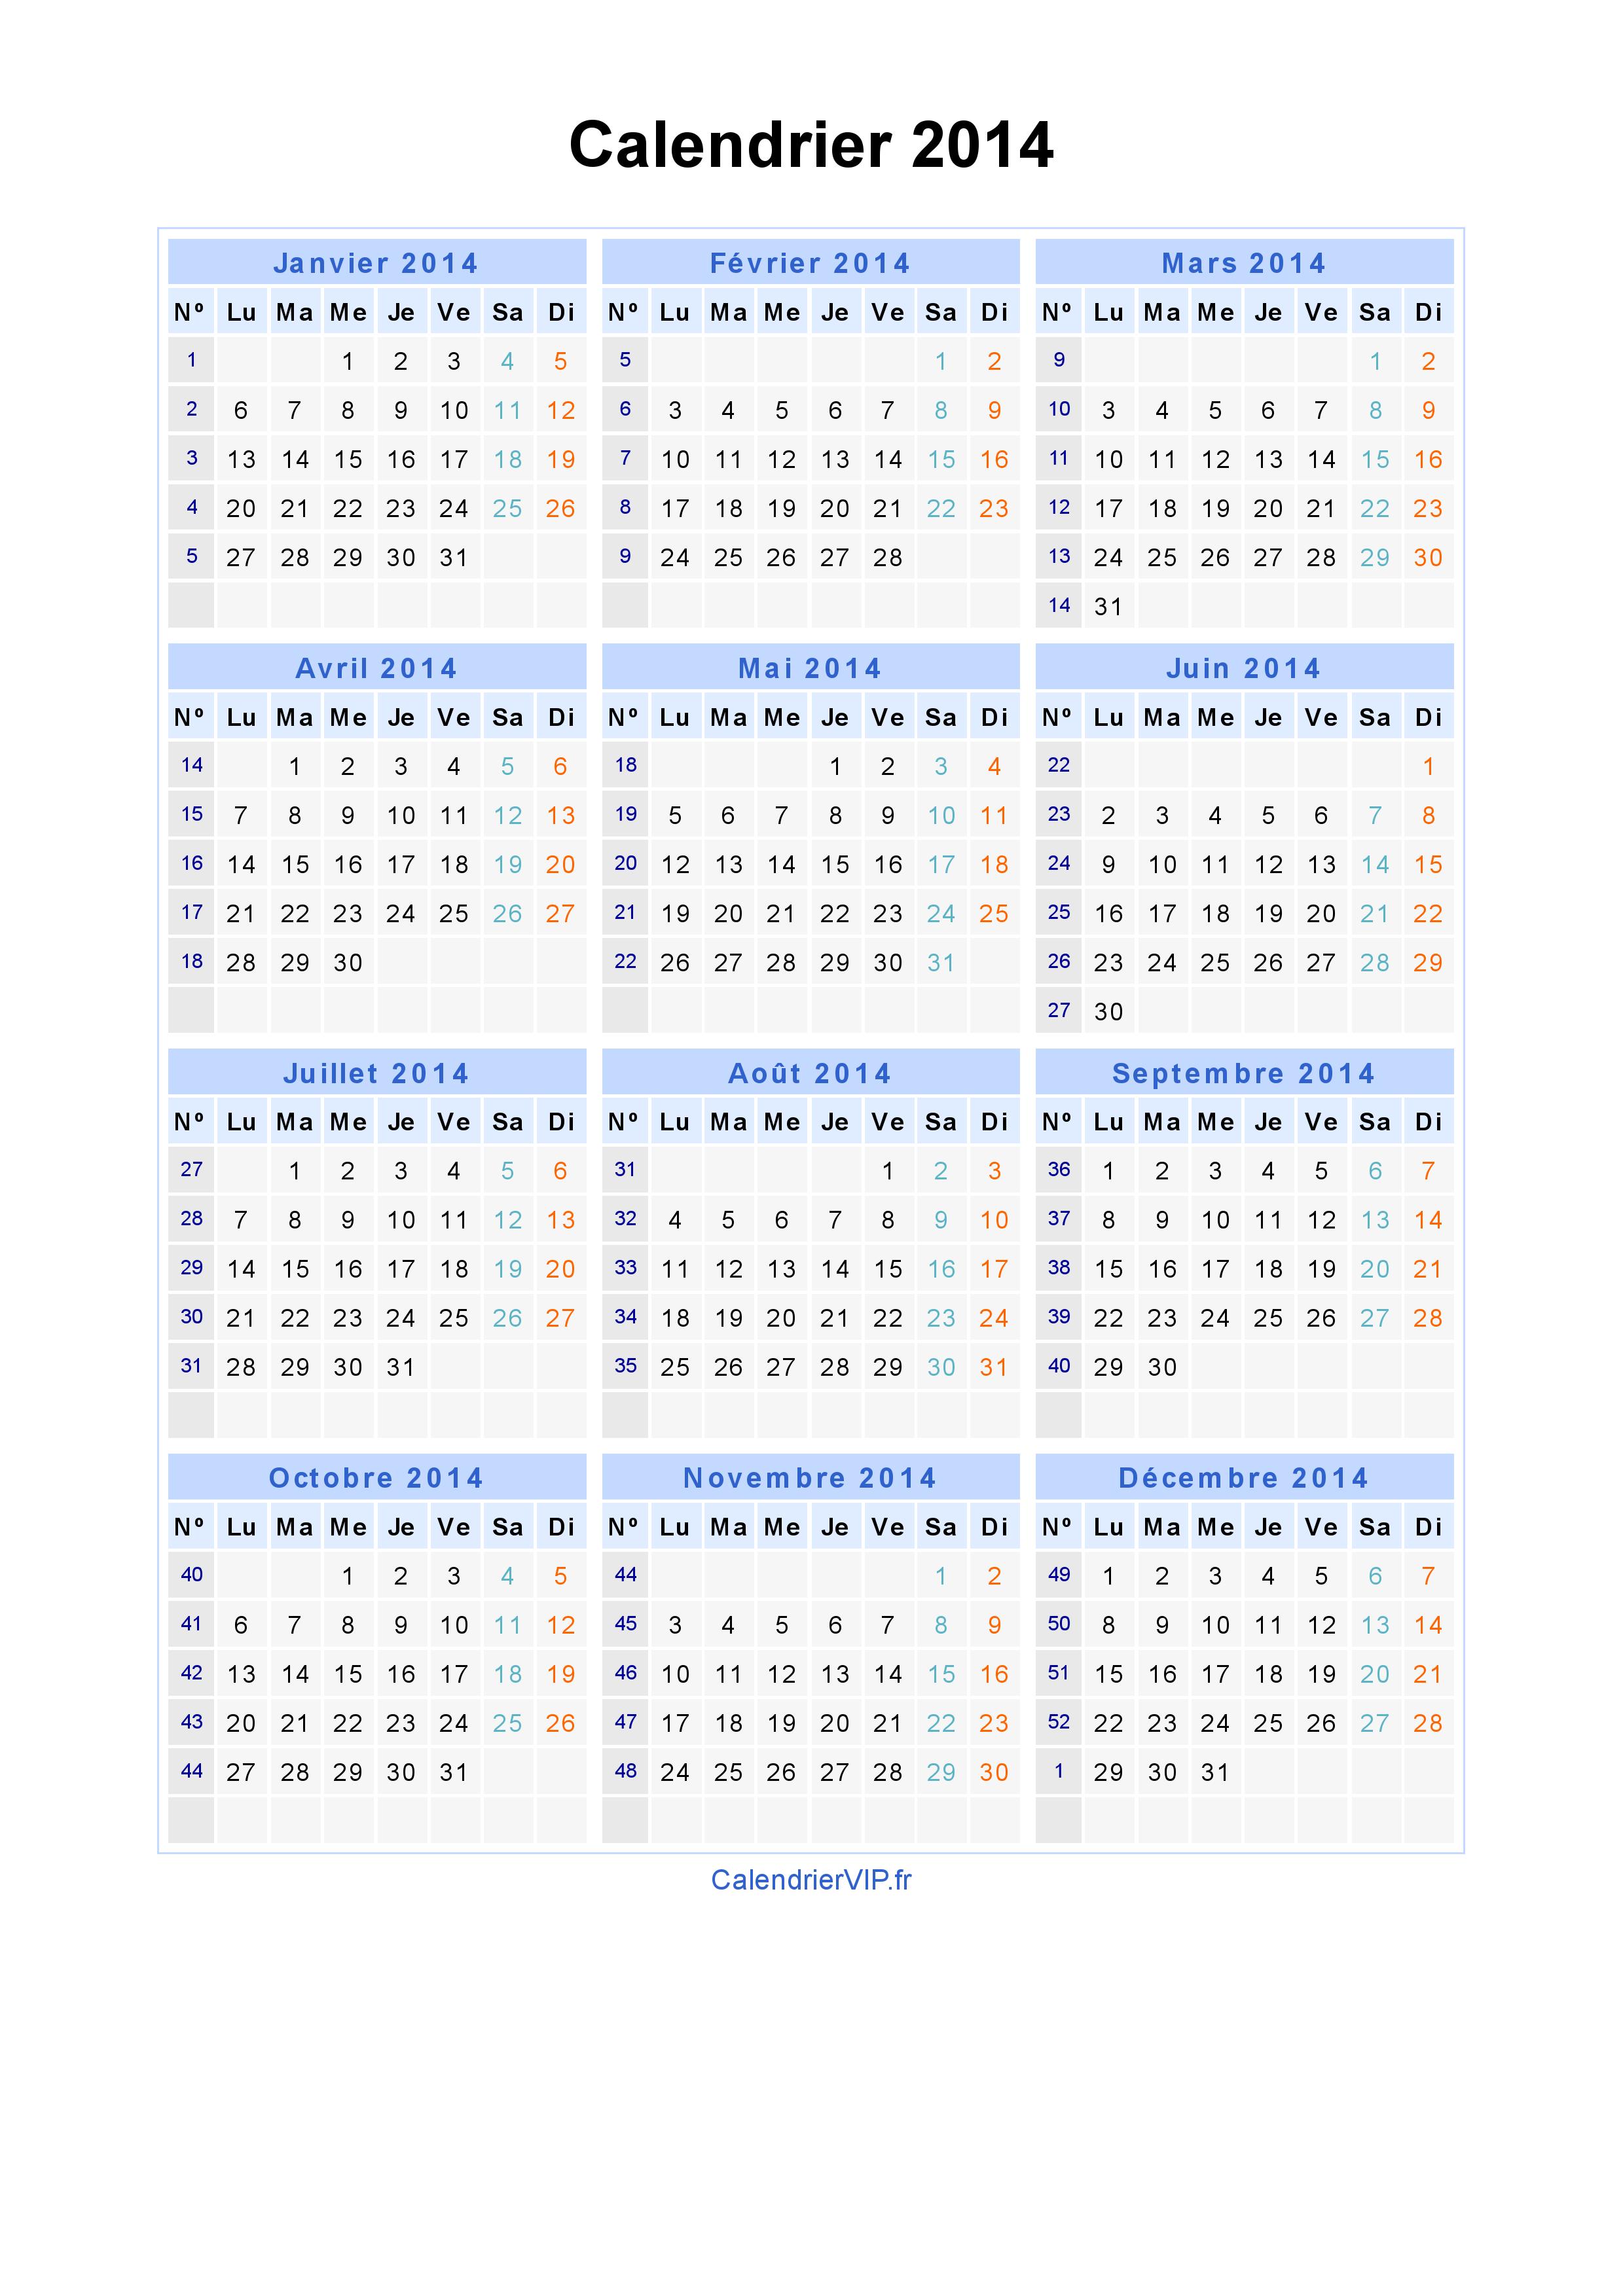 excel calendrier 2014 des photoa, des photoa de fond, fond d'écran